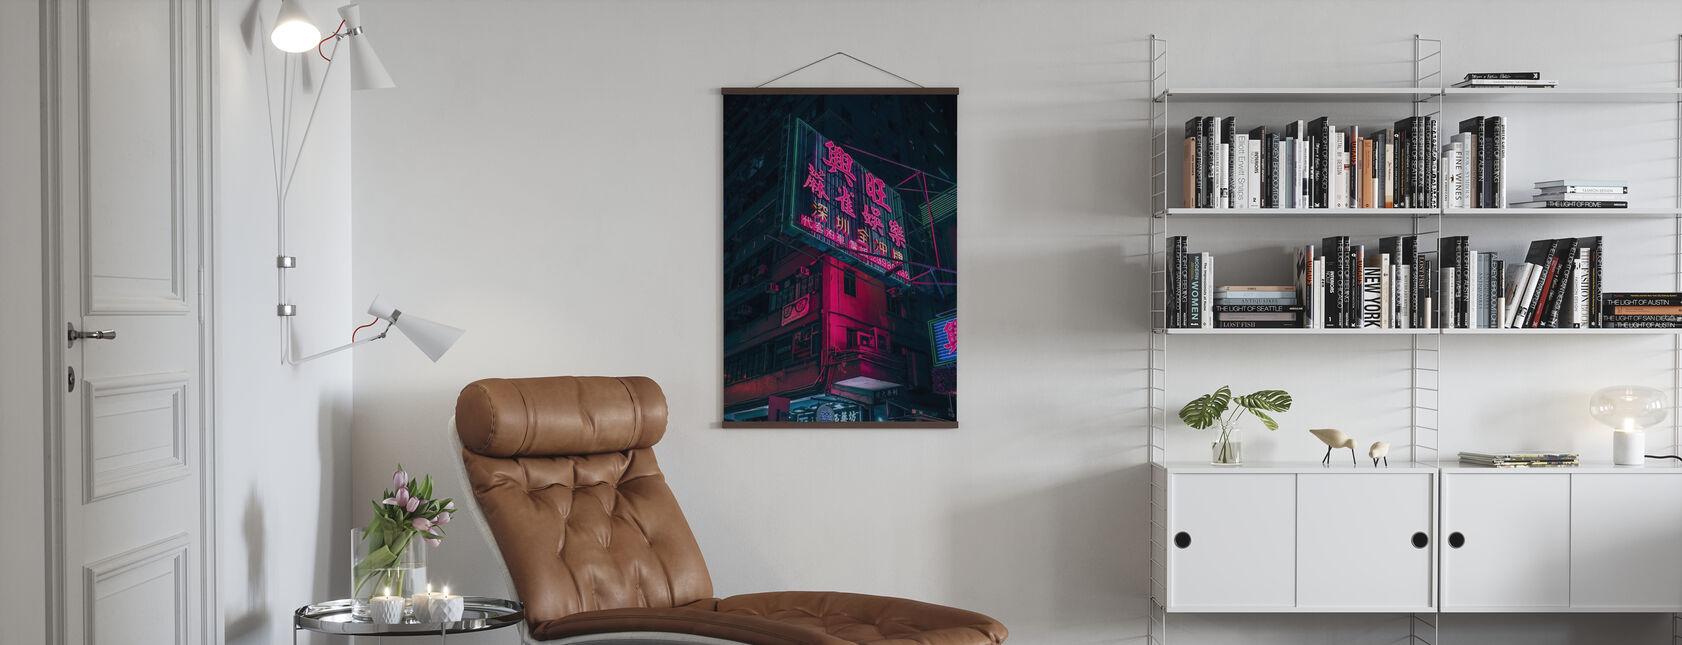 Japanese Aesthetic - Poster - Living Room